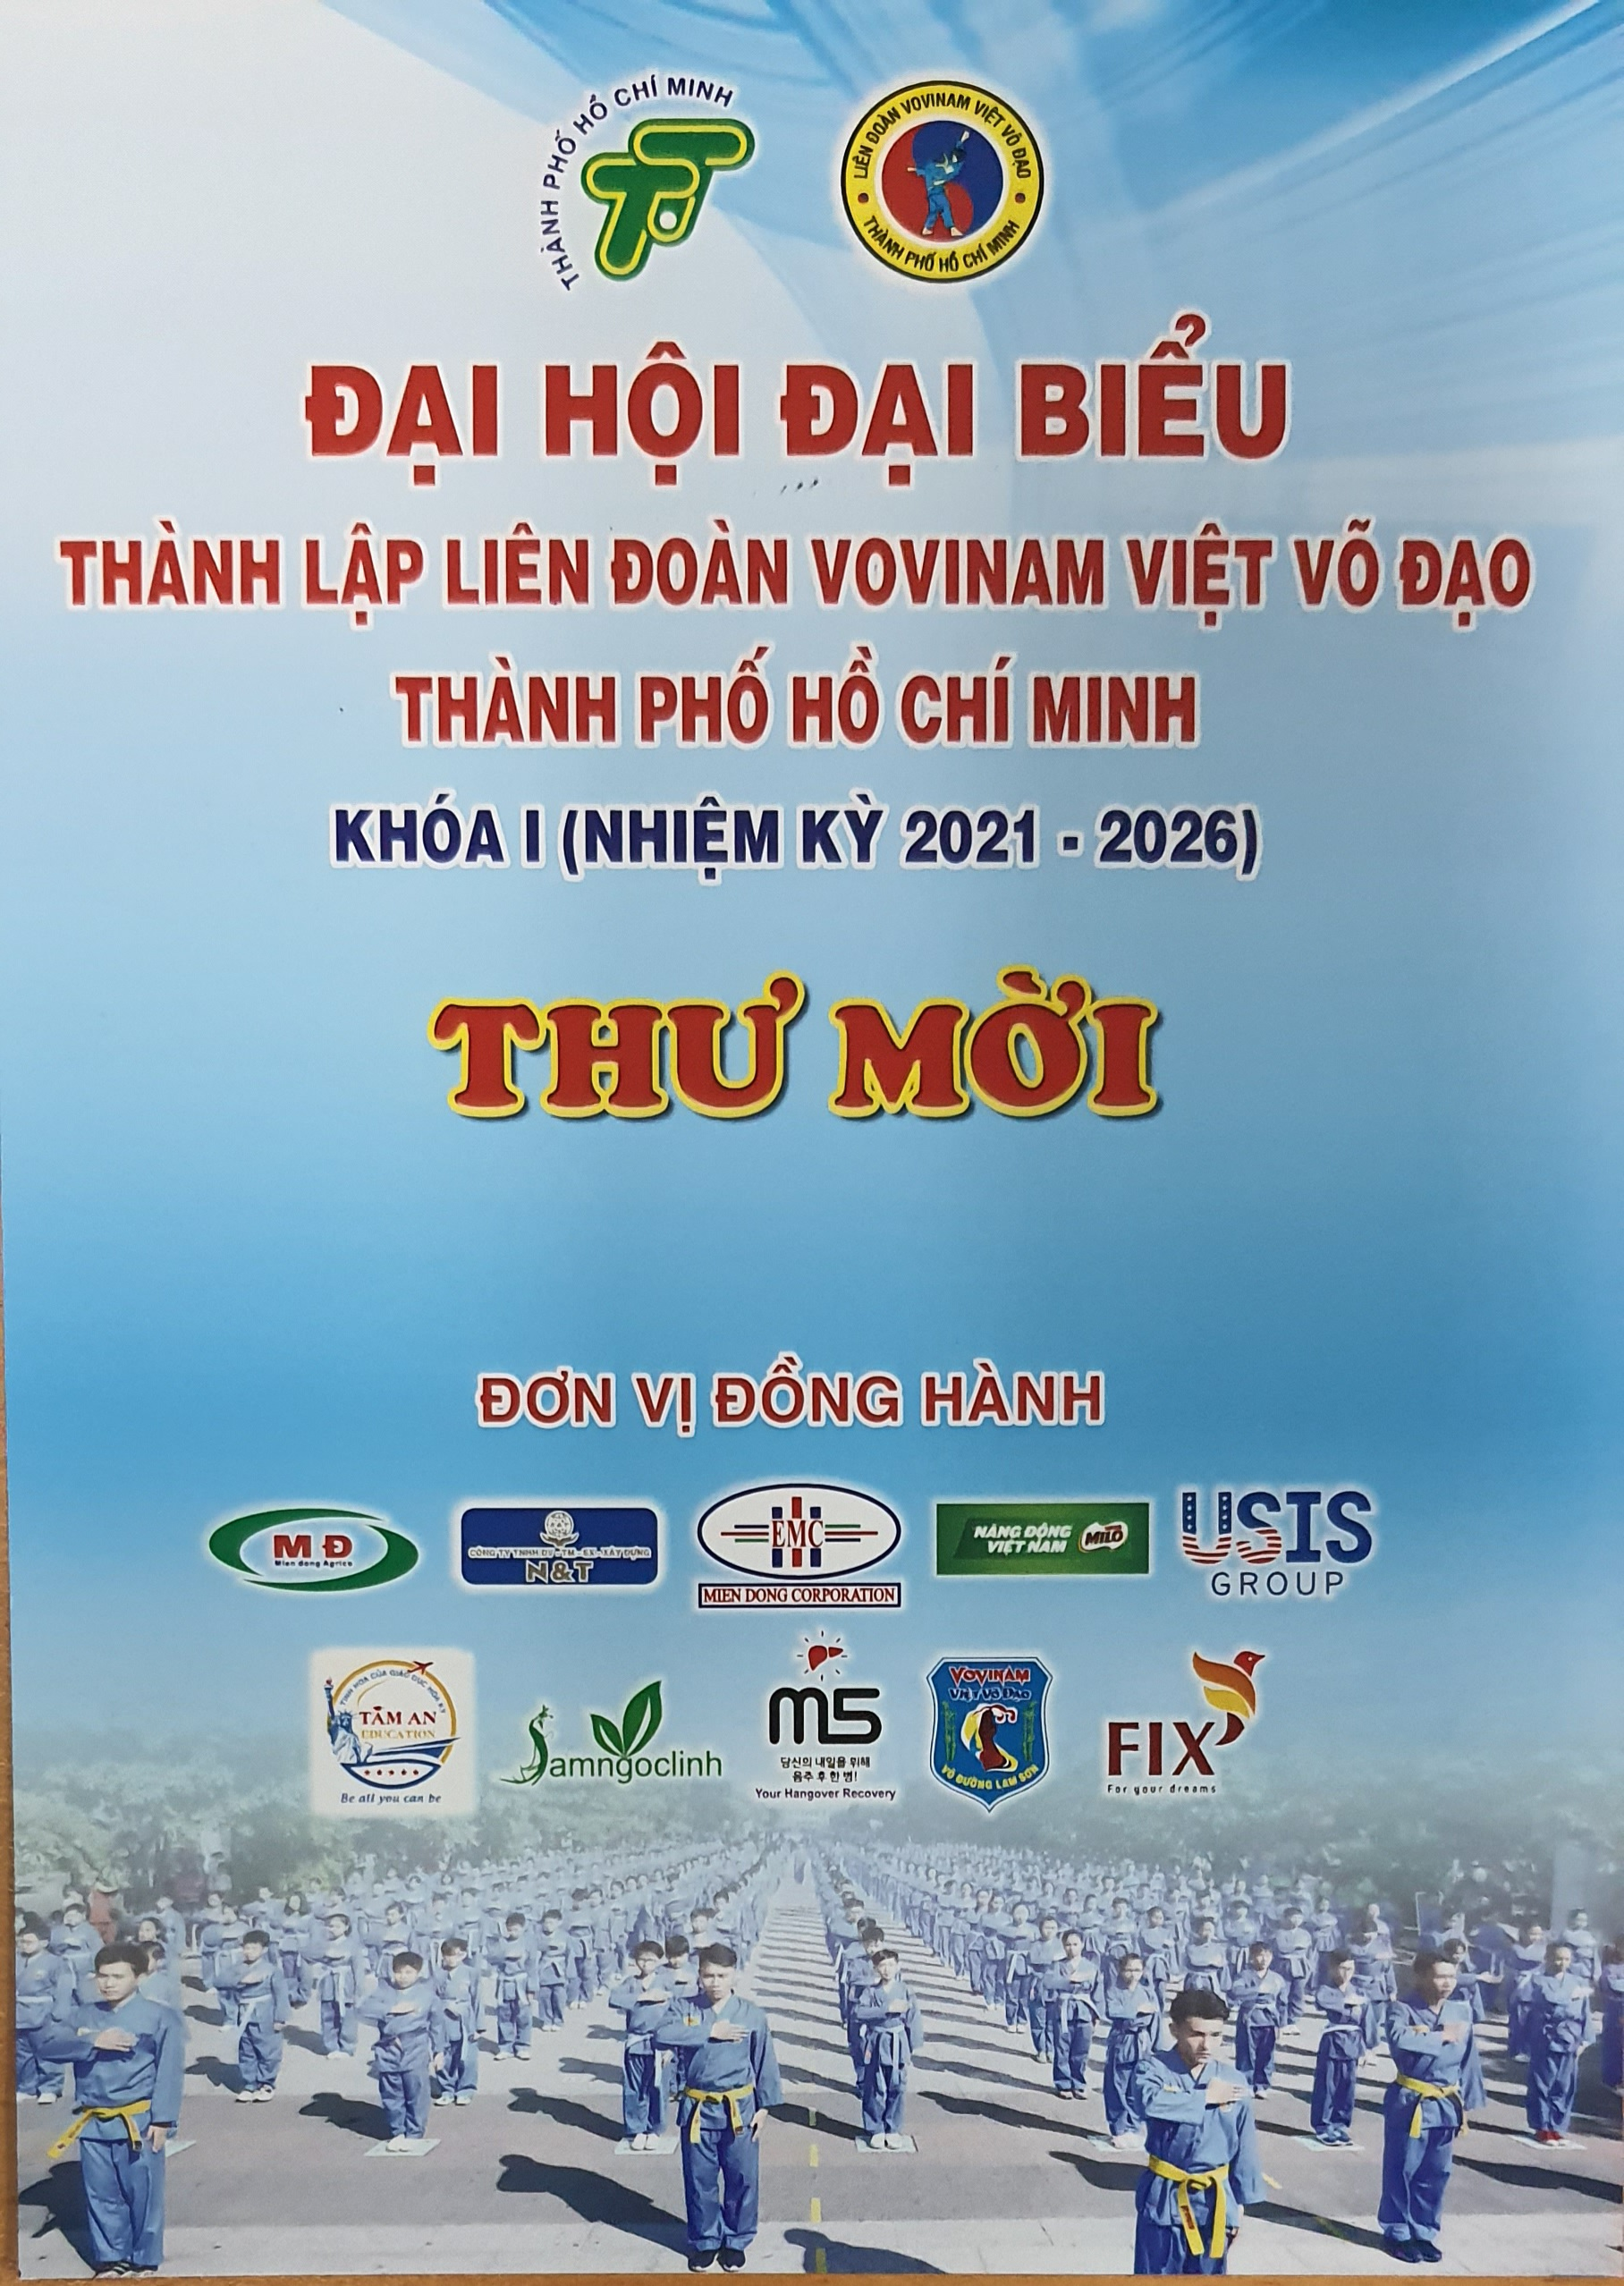 T/B: ĐẠI HỘI THÀNH LẬP LIÊN ĐOÀN VOVINAM TPHCM - Congrès pour la création de la Fédération Vovinam à Ho Chi Minh-Ville.